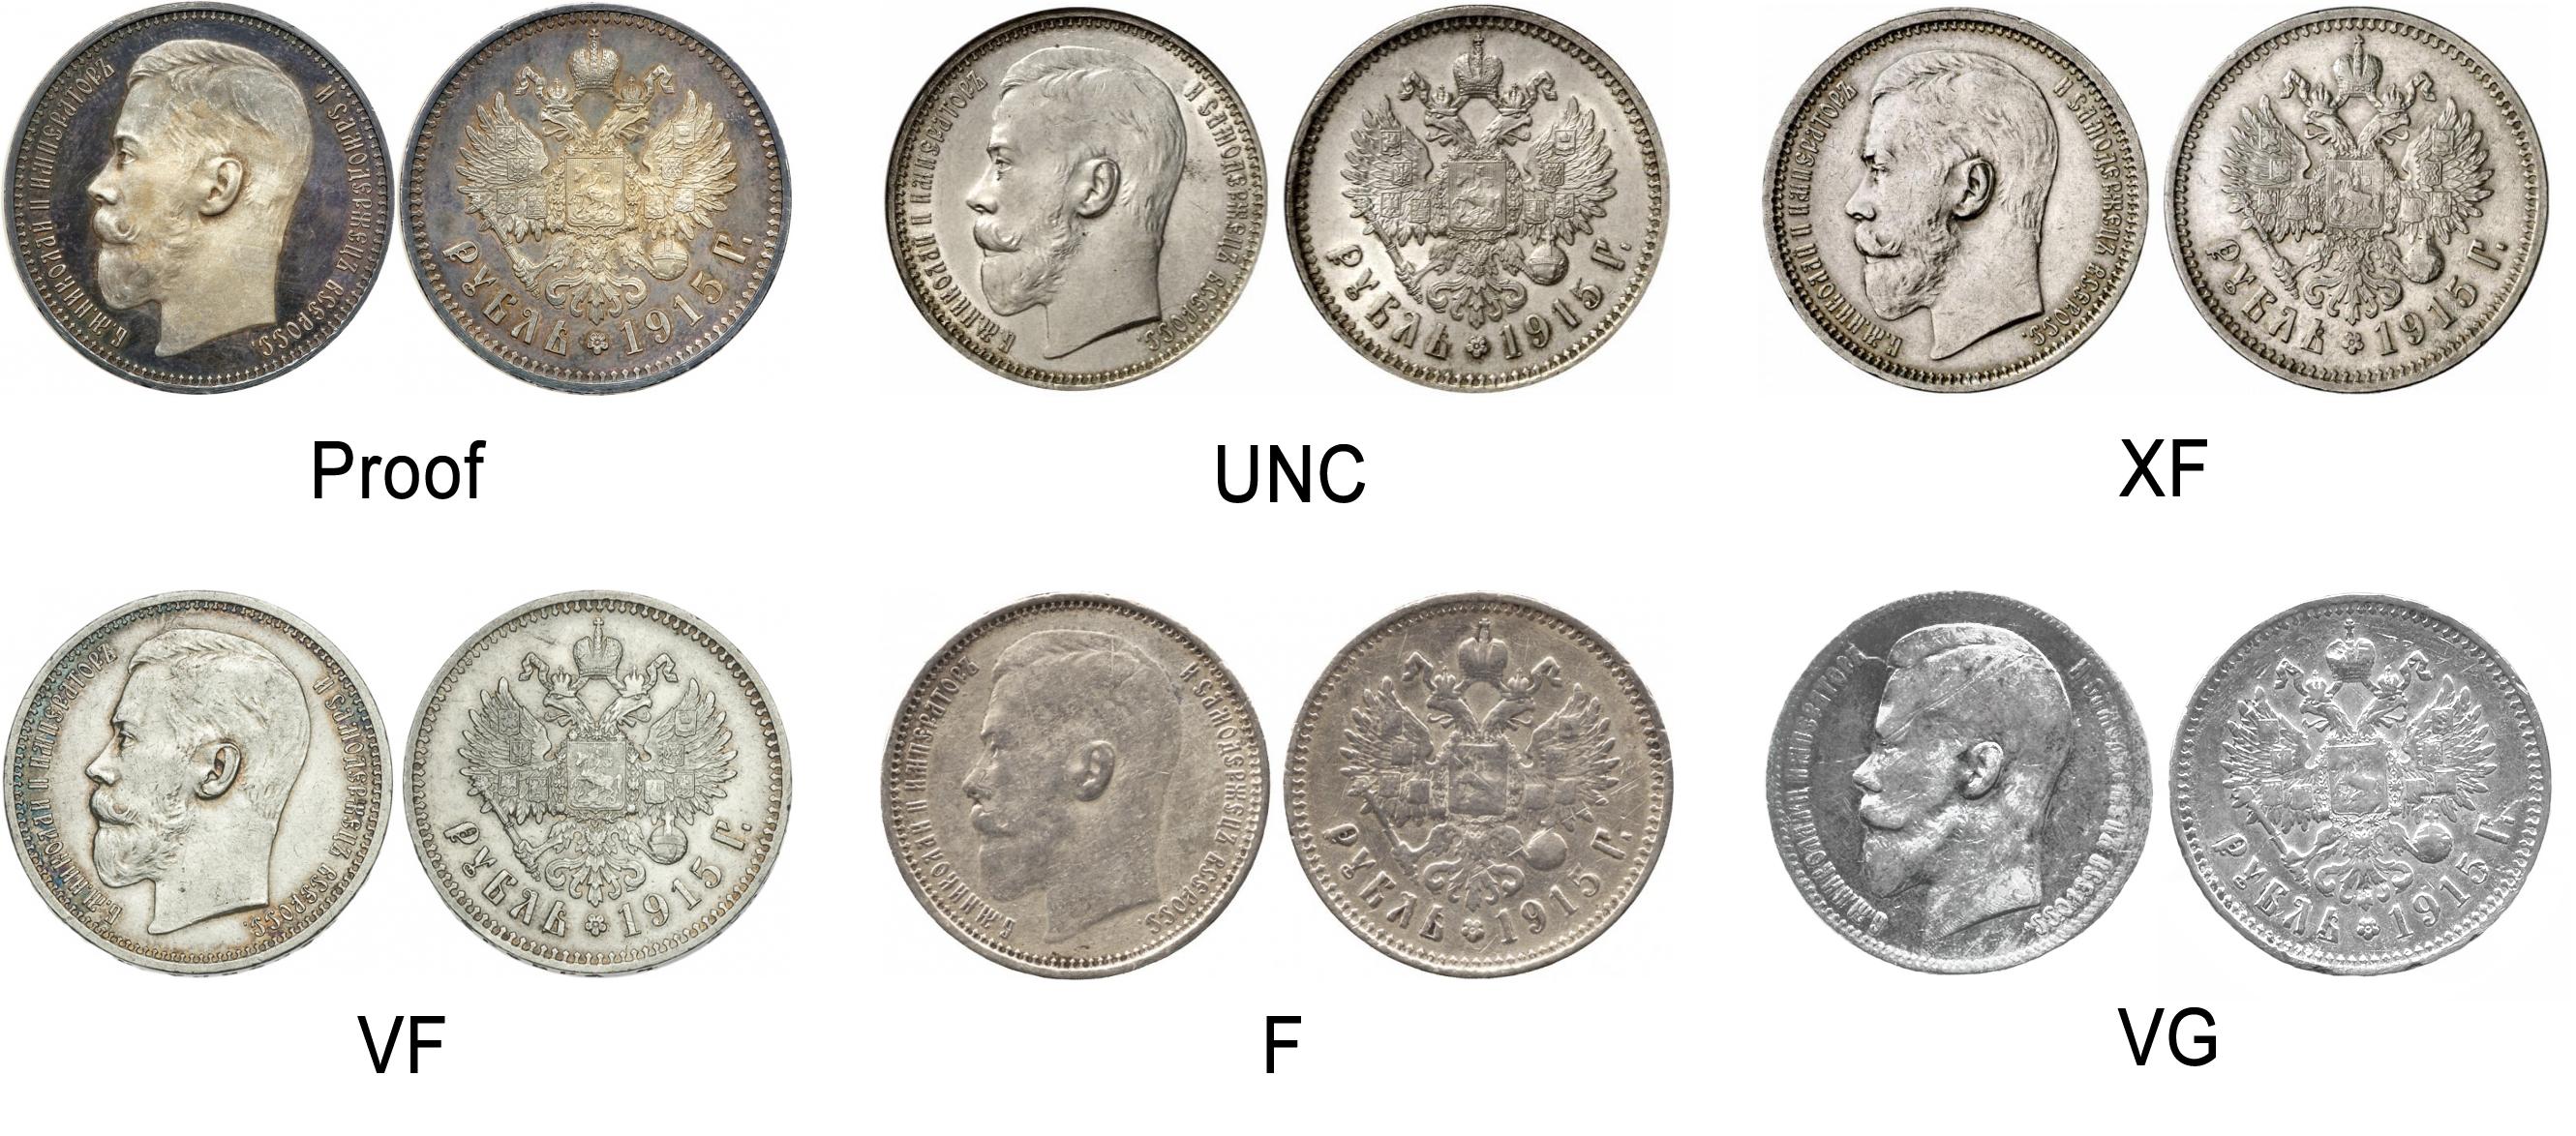 Категории сохранности монет 3 копейки серебром 1843 года стоимость